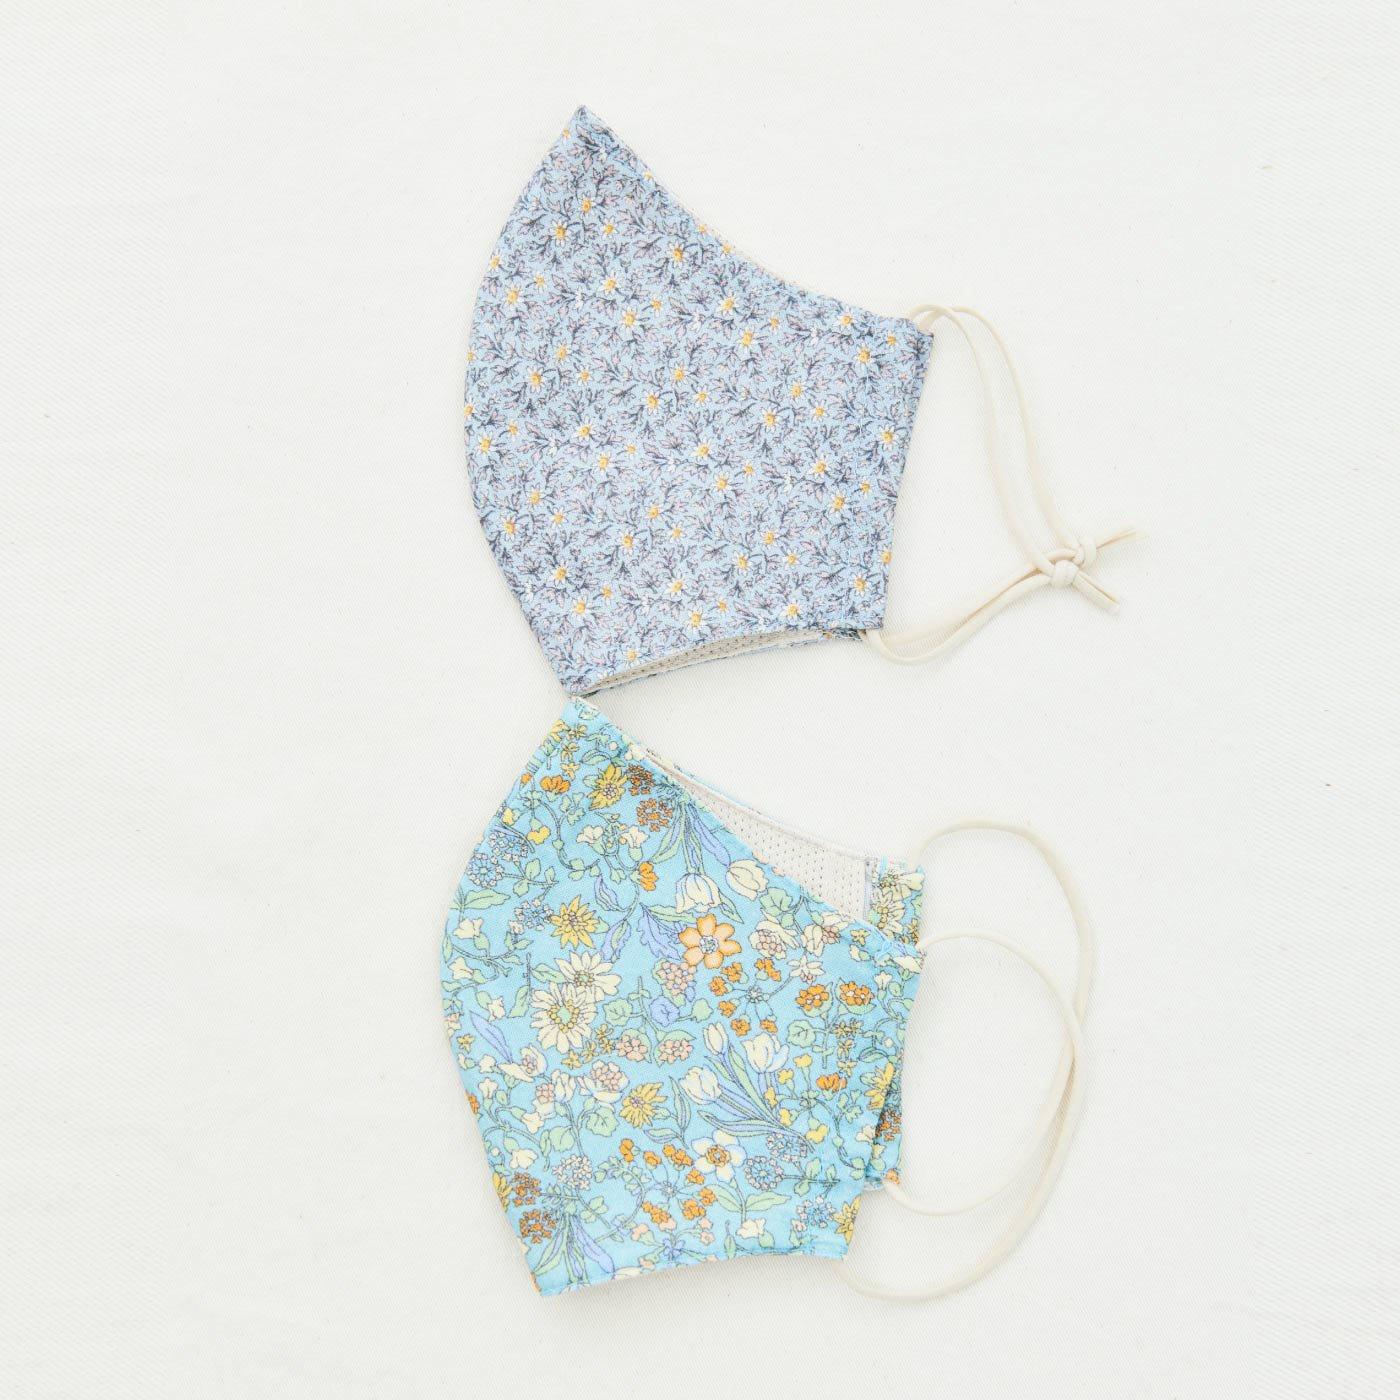 【WEB限定】IEDIT[イディット] 小花柄プリントが上品&清楚な印象!内側メッシュ素材の立体布マスク